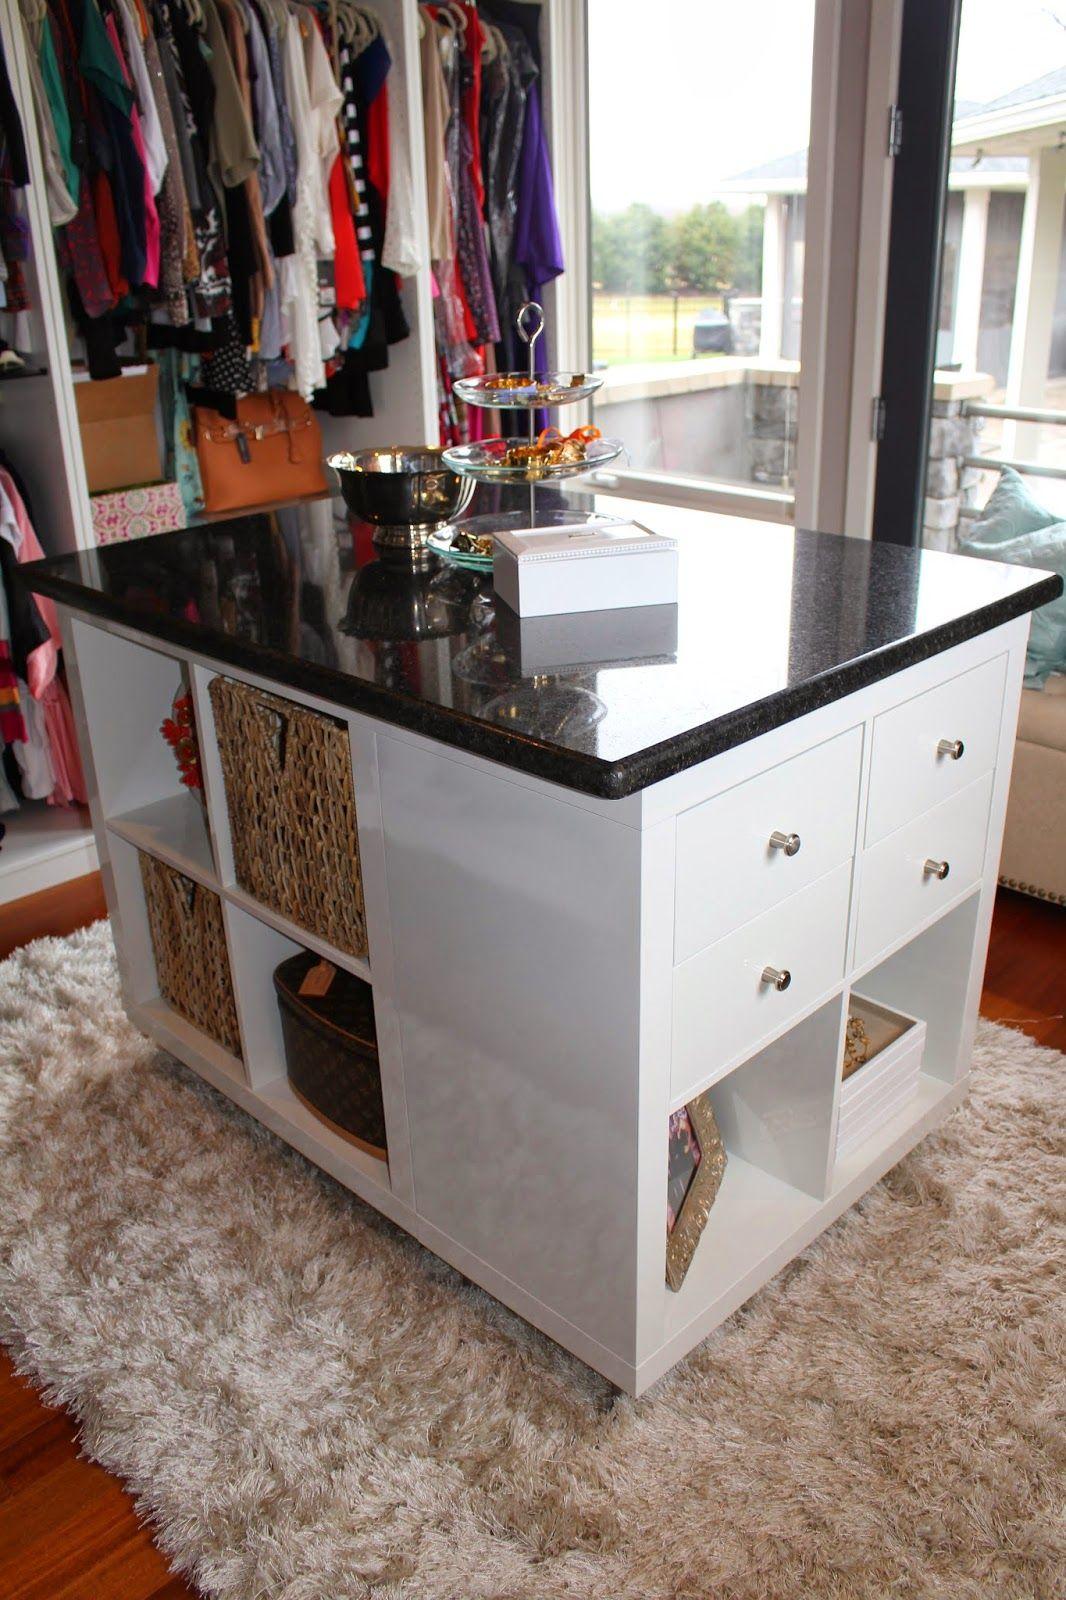 DIY closet island hack (via xojordan) | Home | Pinterest | Closet ...